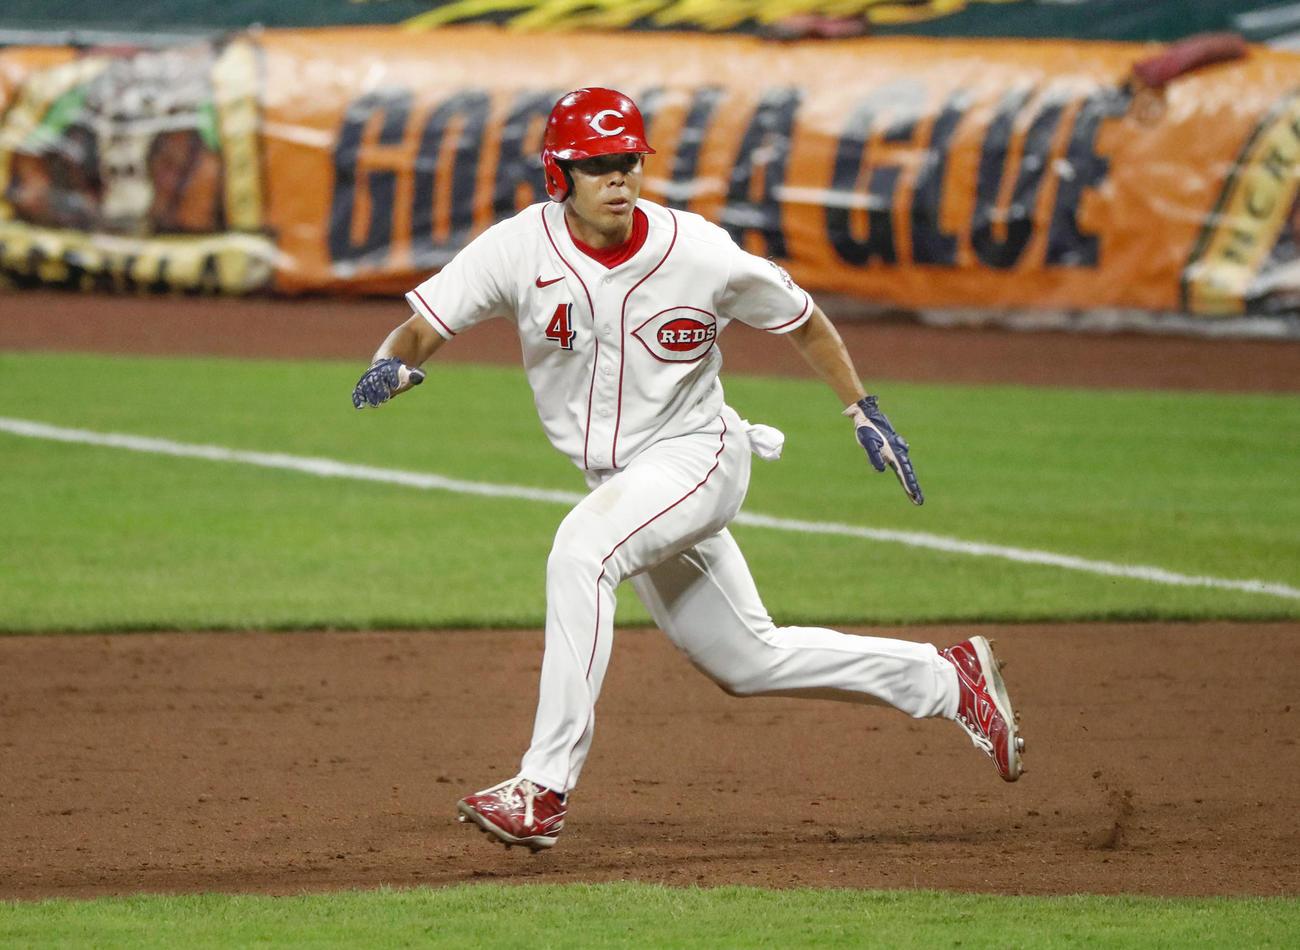 インディアンス戦の6回、左前打で出塁後、一塁からスタートを切るしぐさを見せるレッズ・秋山=シンシナティ(共同)